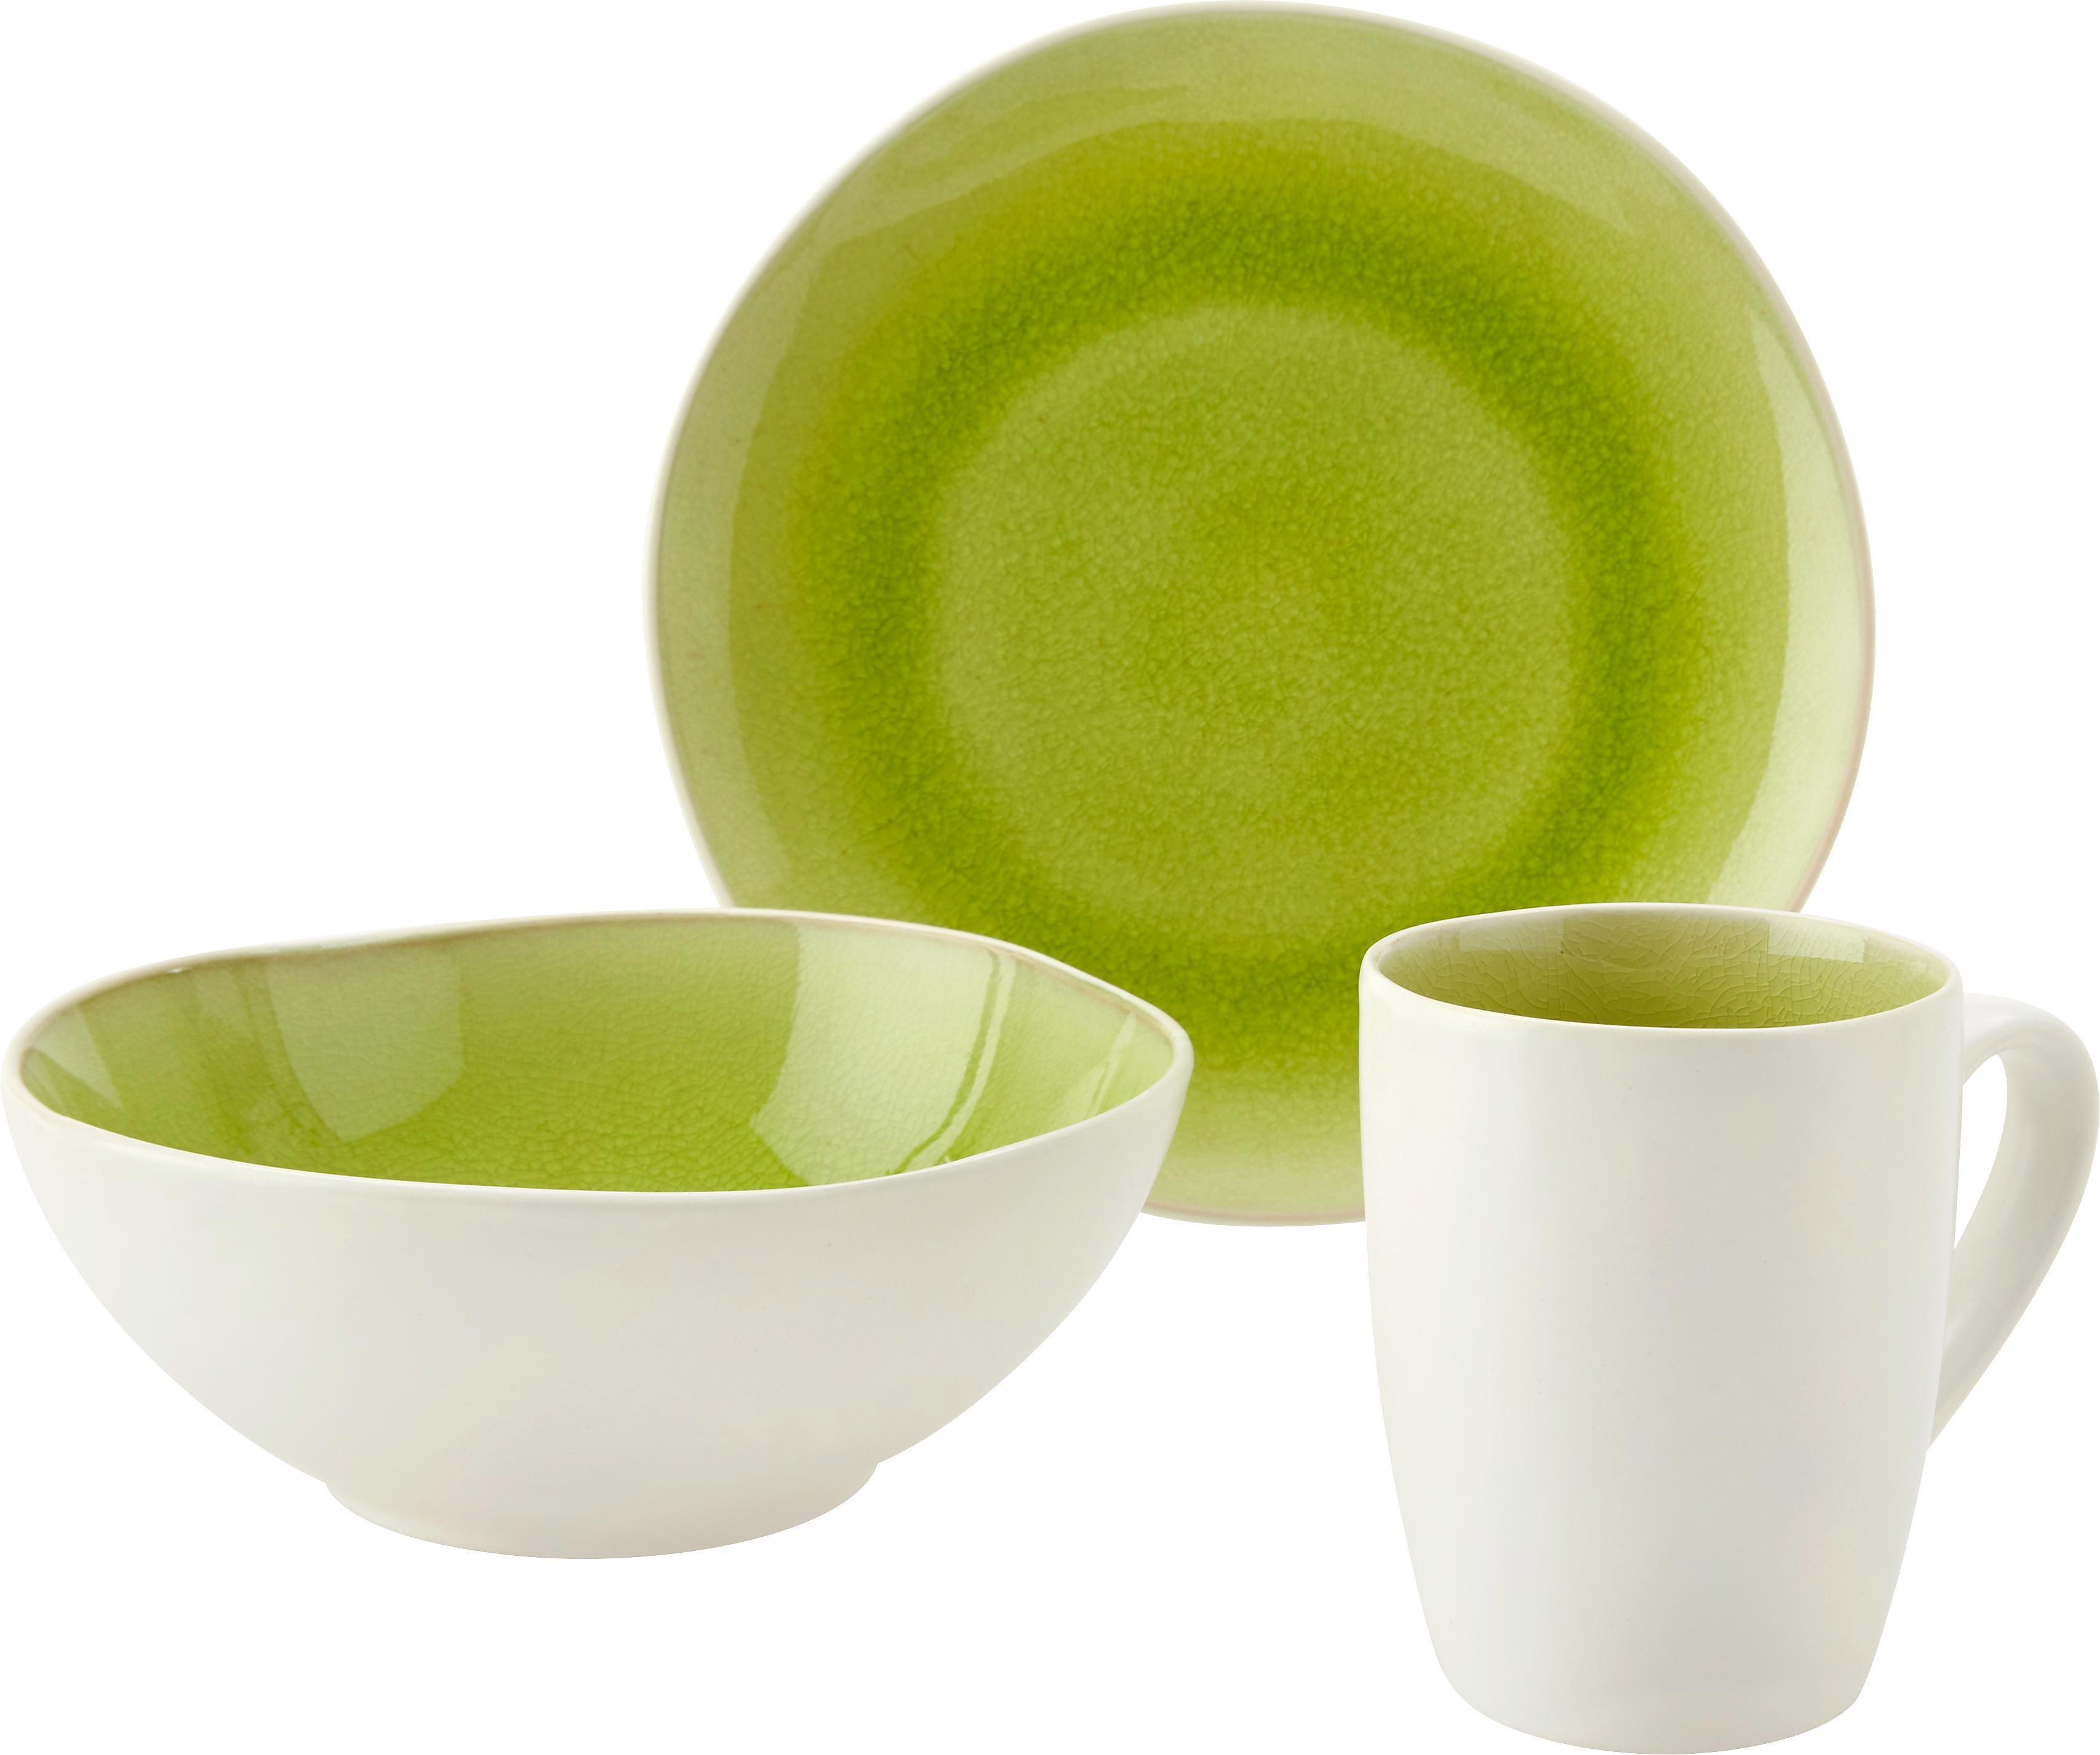 Kávésbögre Sina - fehér/zöld, Lifestyle, kerámia (8,3/11cm) - MÖMAX modern living